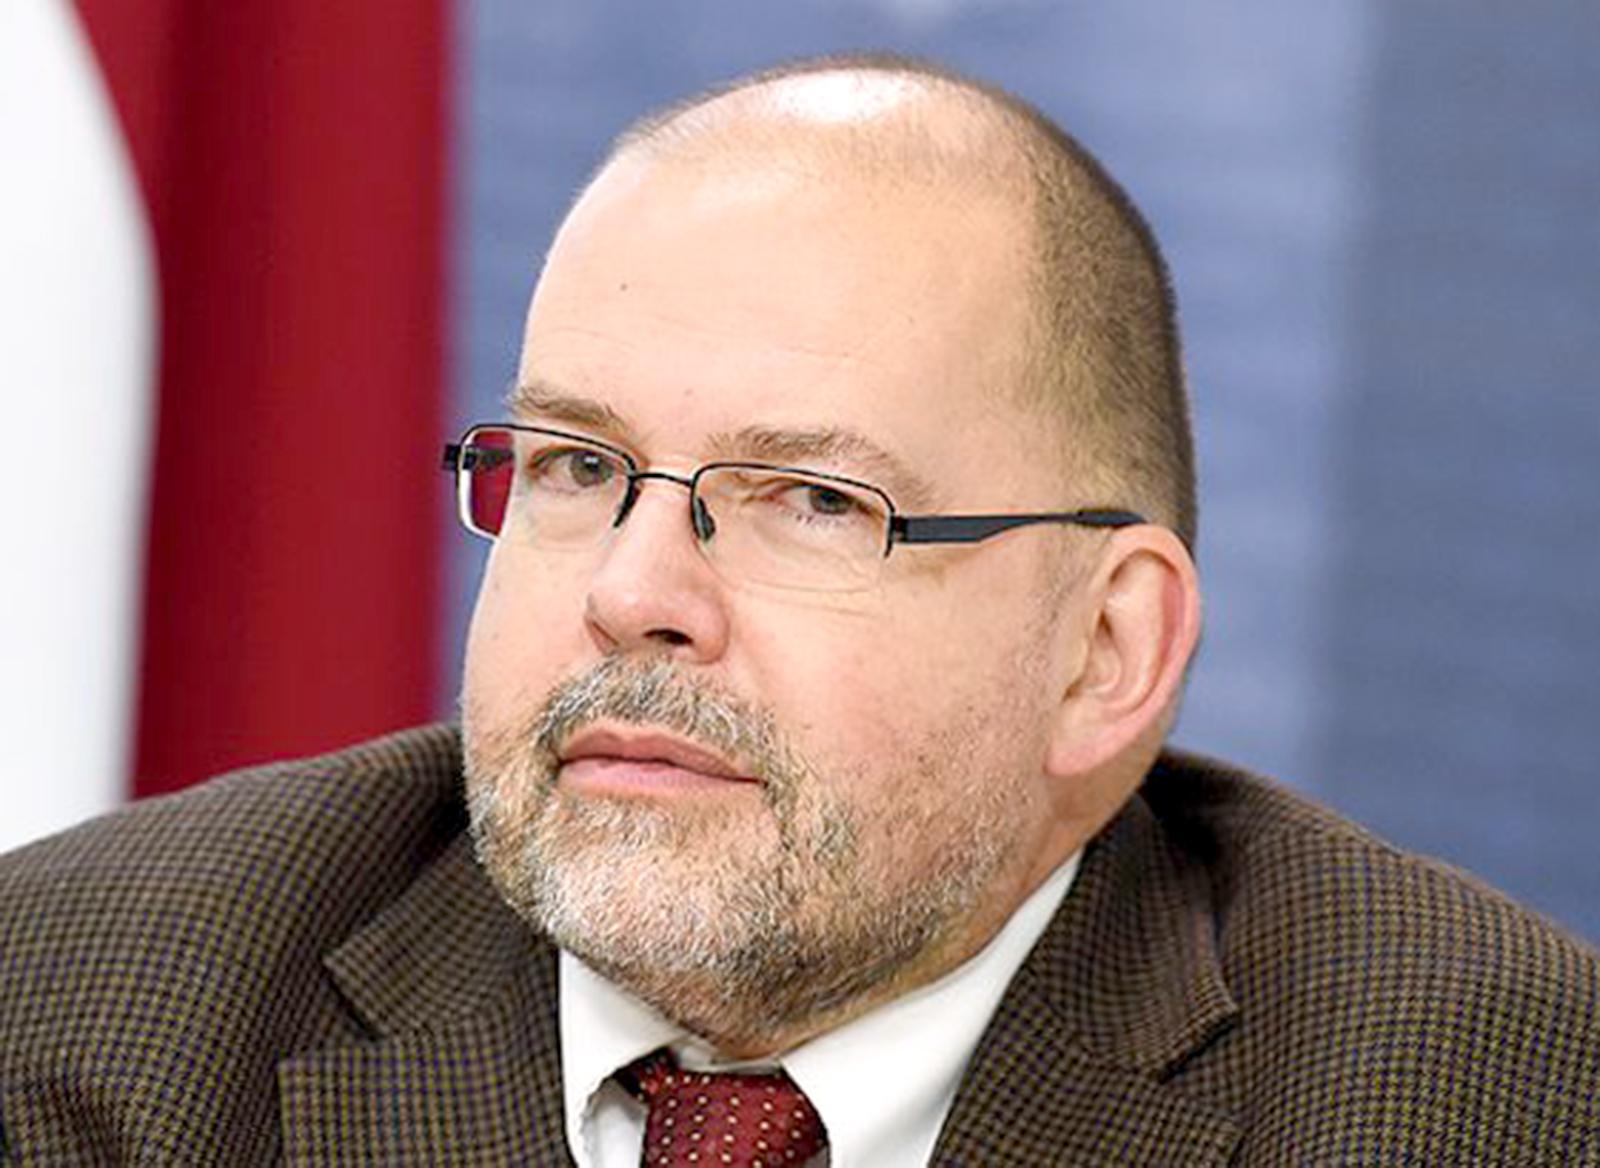 Pēteris Kārlis Elferts